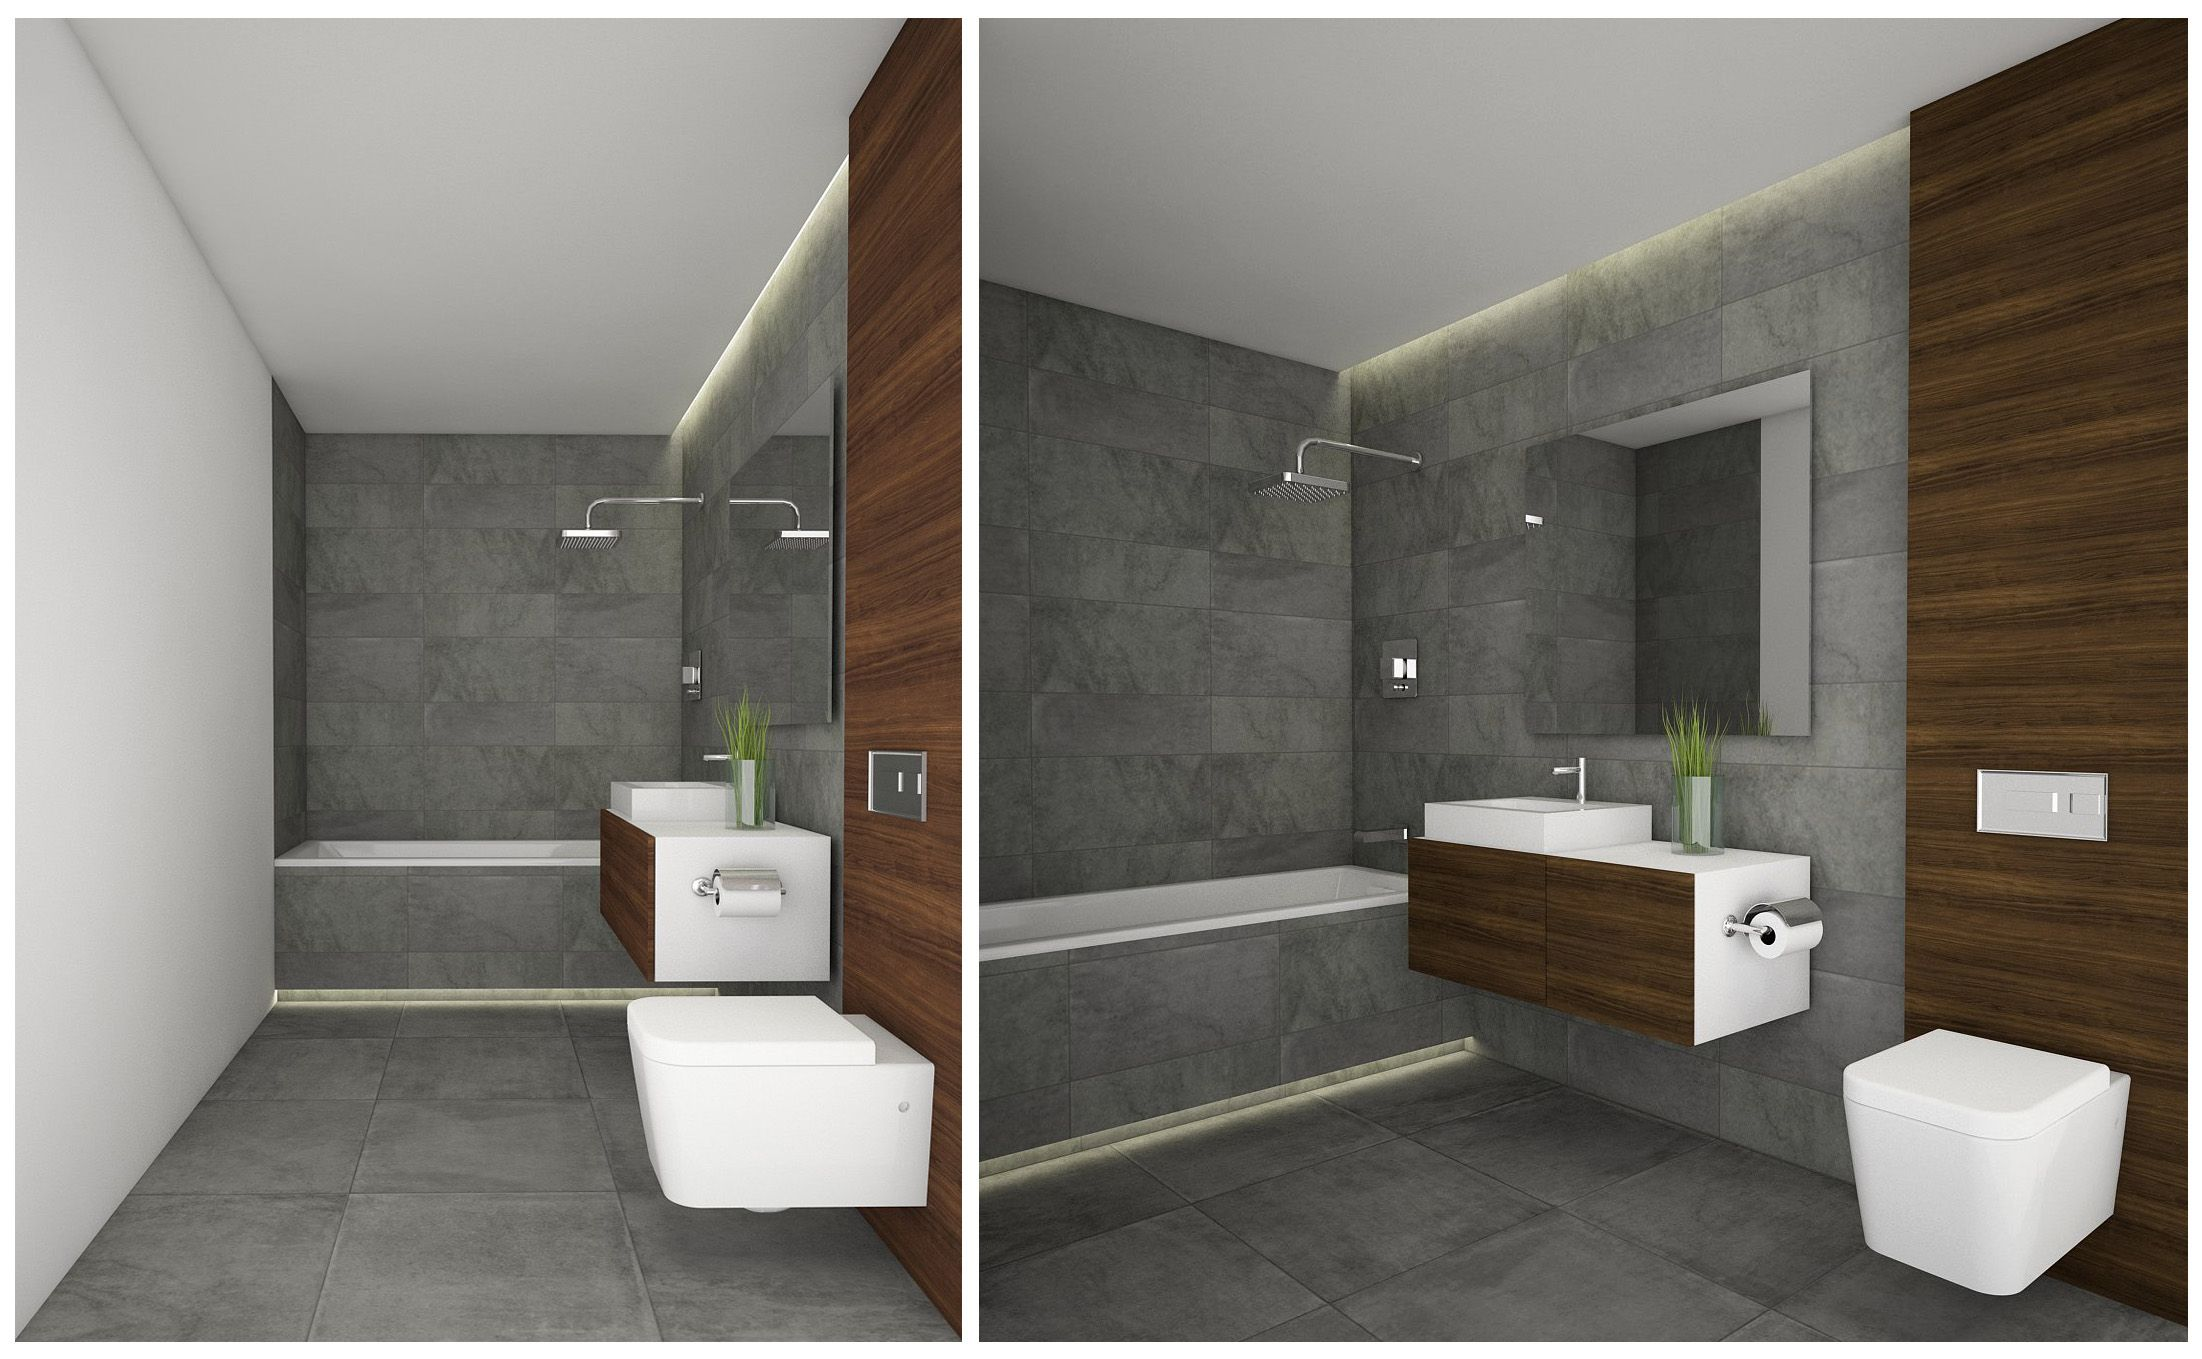 Moderni Vonia Siolaikiskiems Klientams Apdailosnamai Modern Bathroom Dark Wood Minimal Interior Design Arpa Stage Anthracite Grey Bathroom Toilet